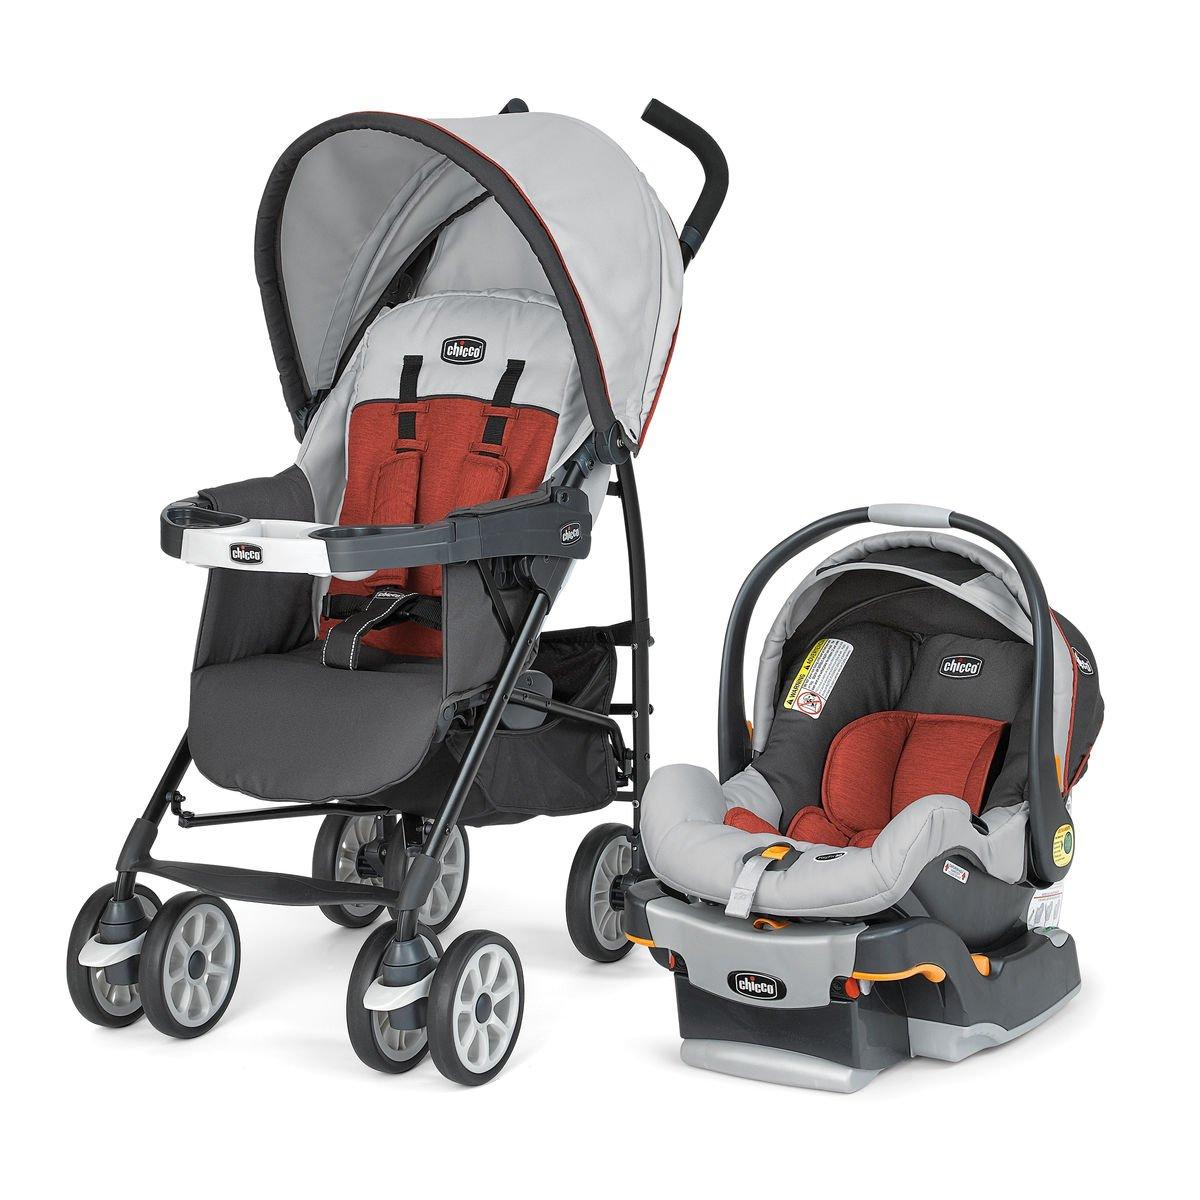 262a8dc1a Amazon.com : Chicco Neuvo Travel System, Veranda : Baby